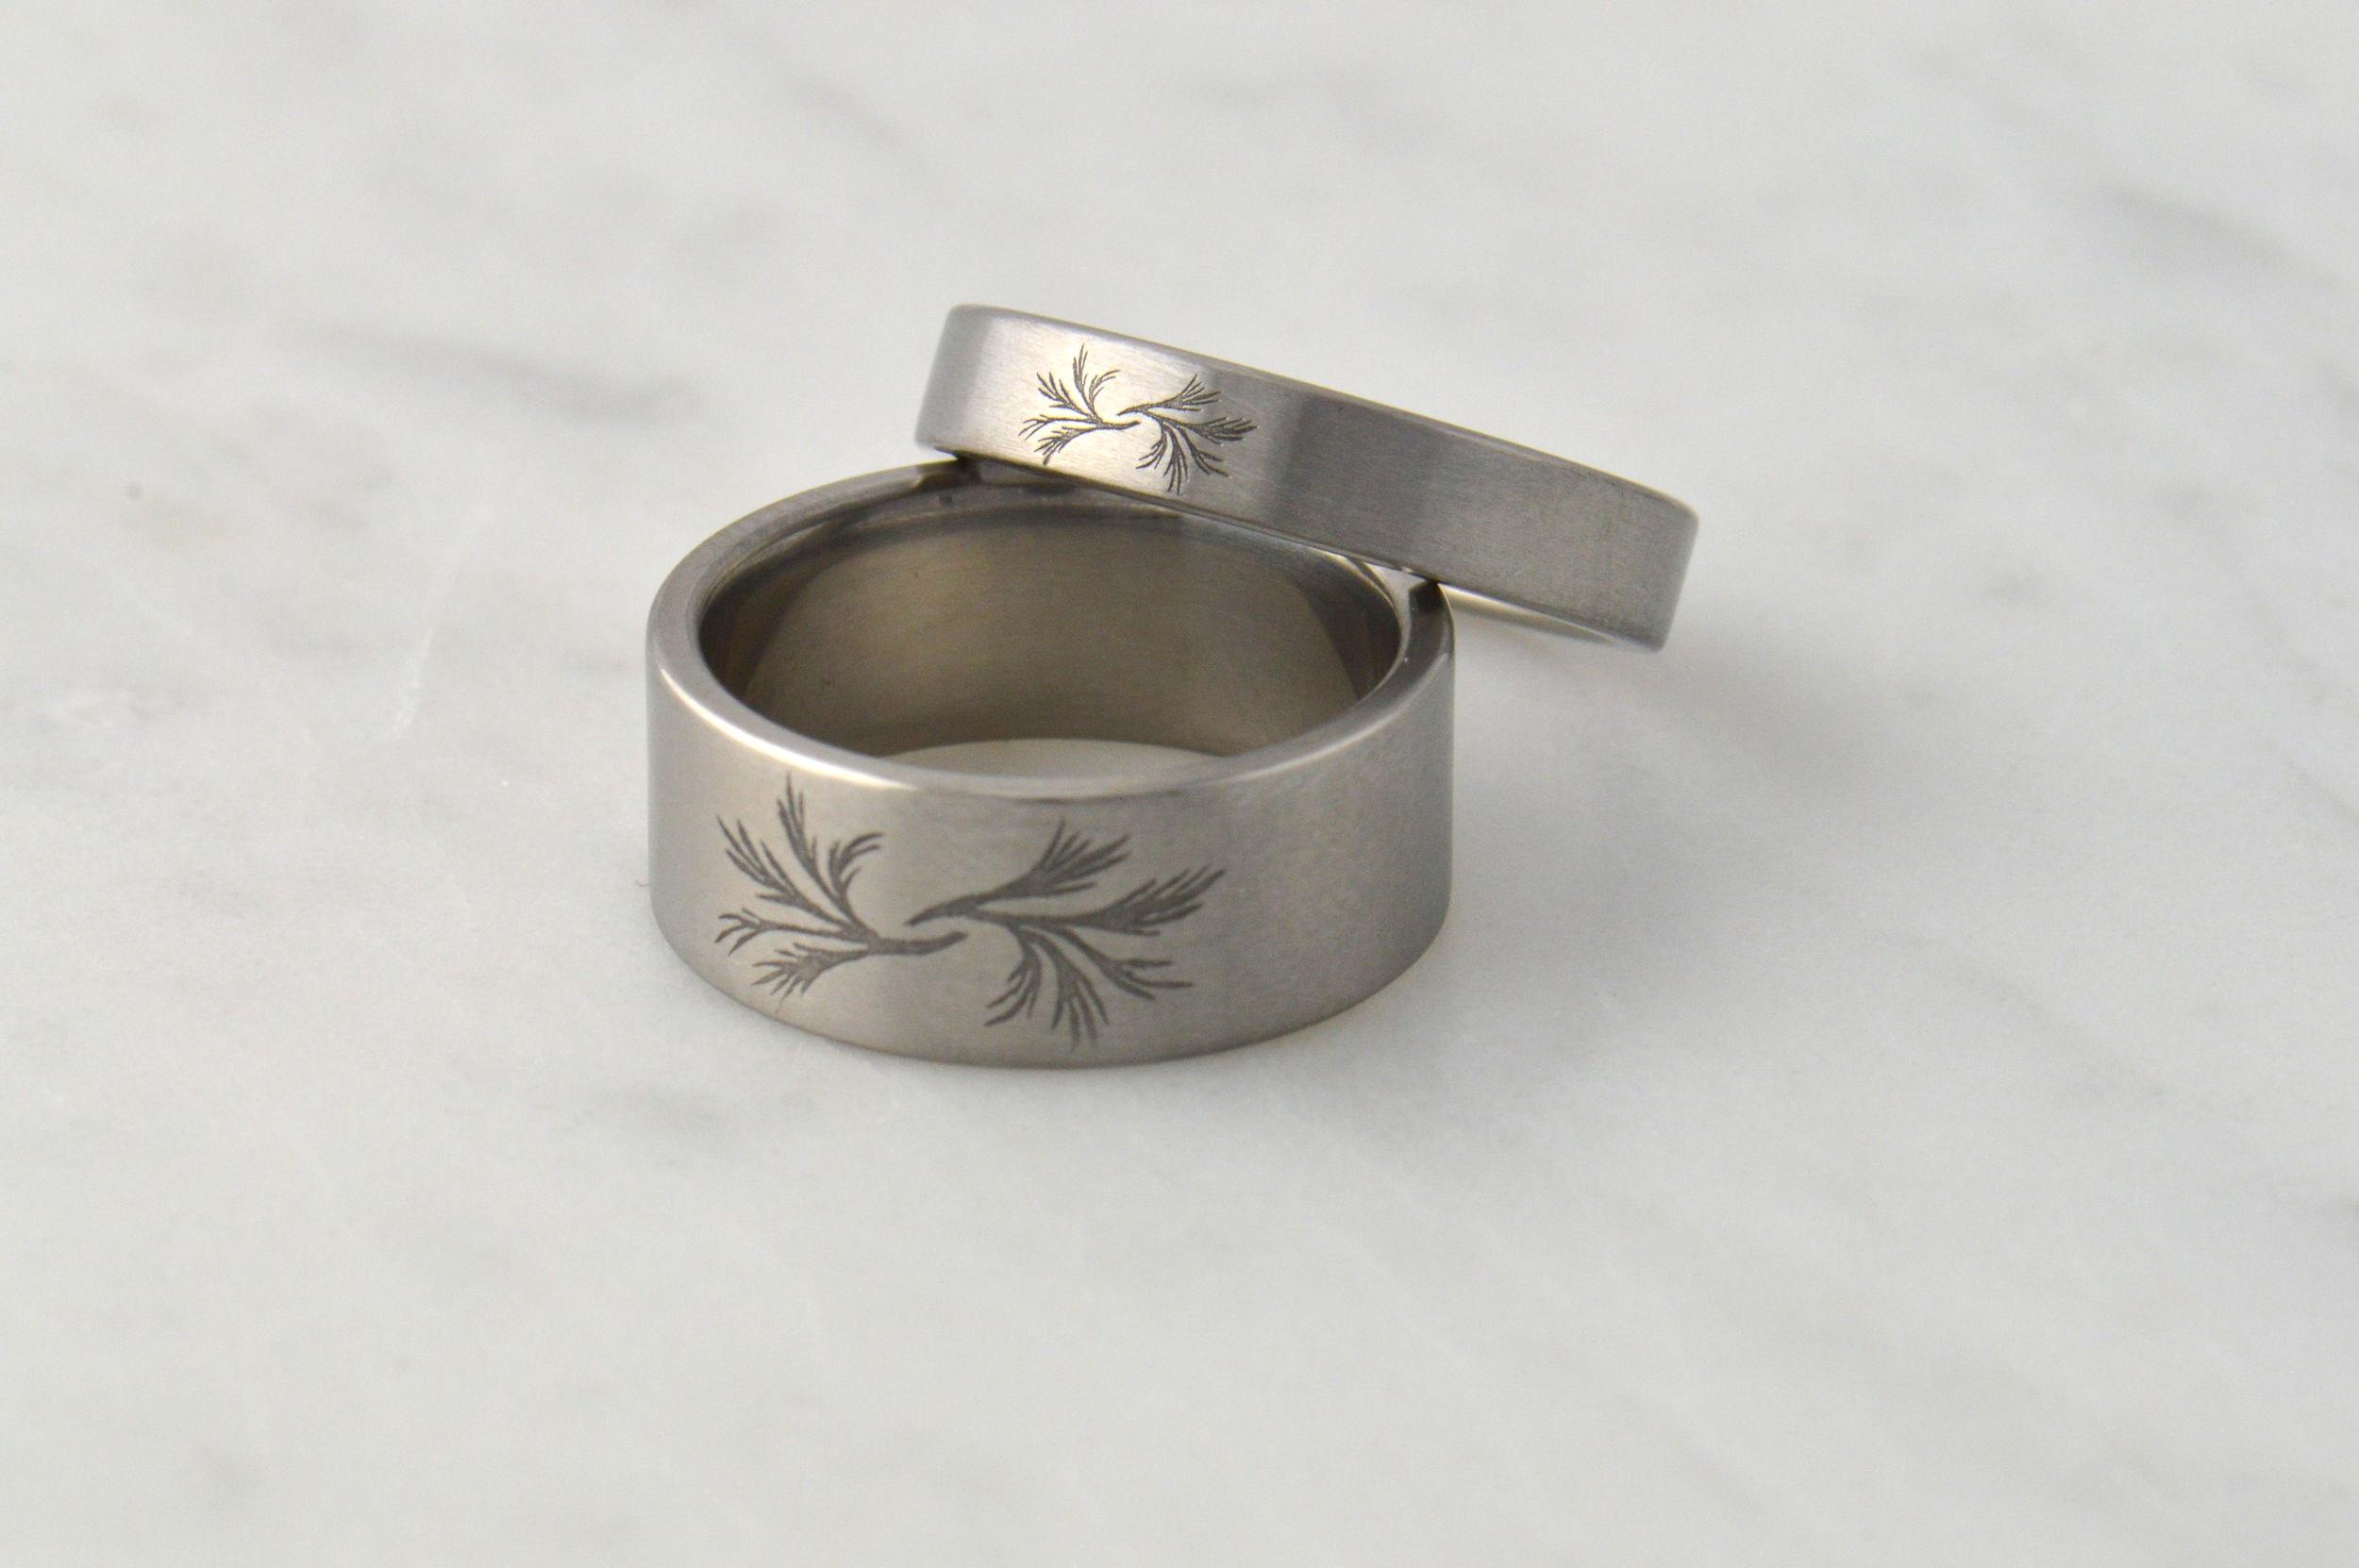 Sage engraved onto a titanium wedding set